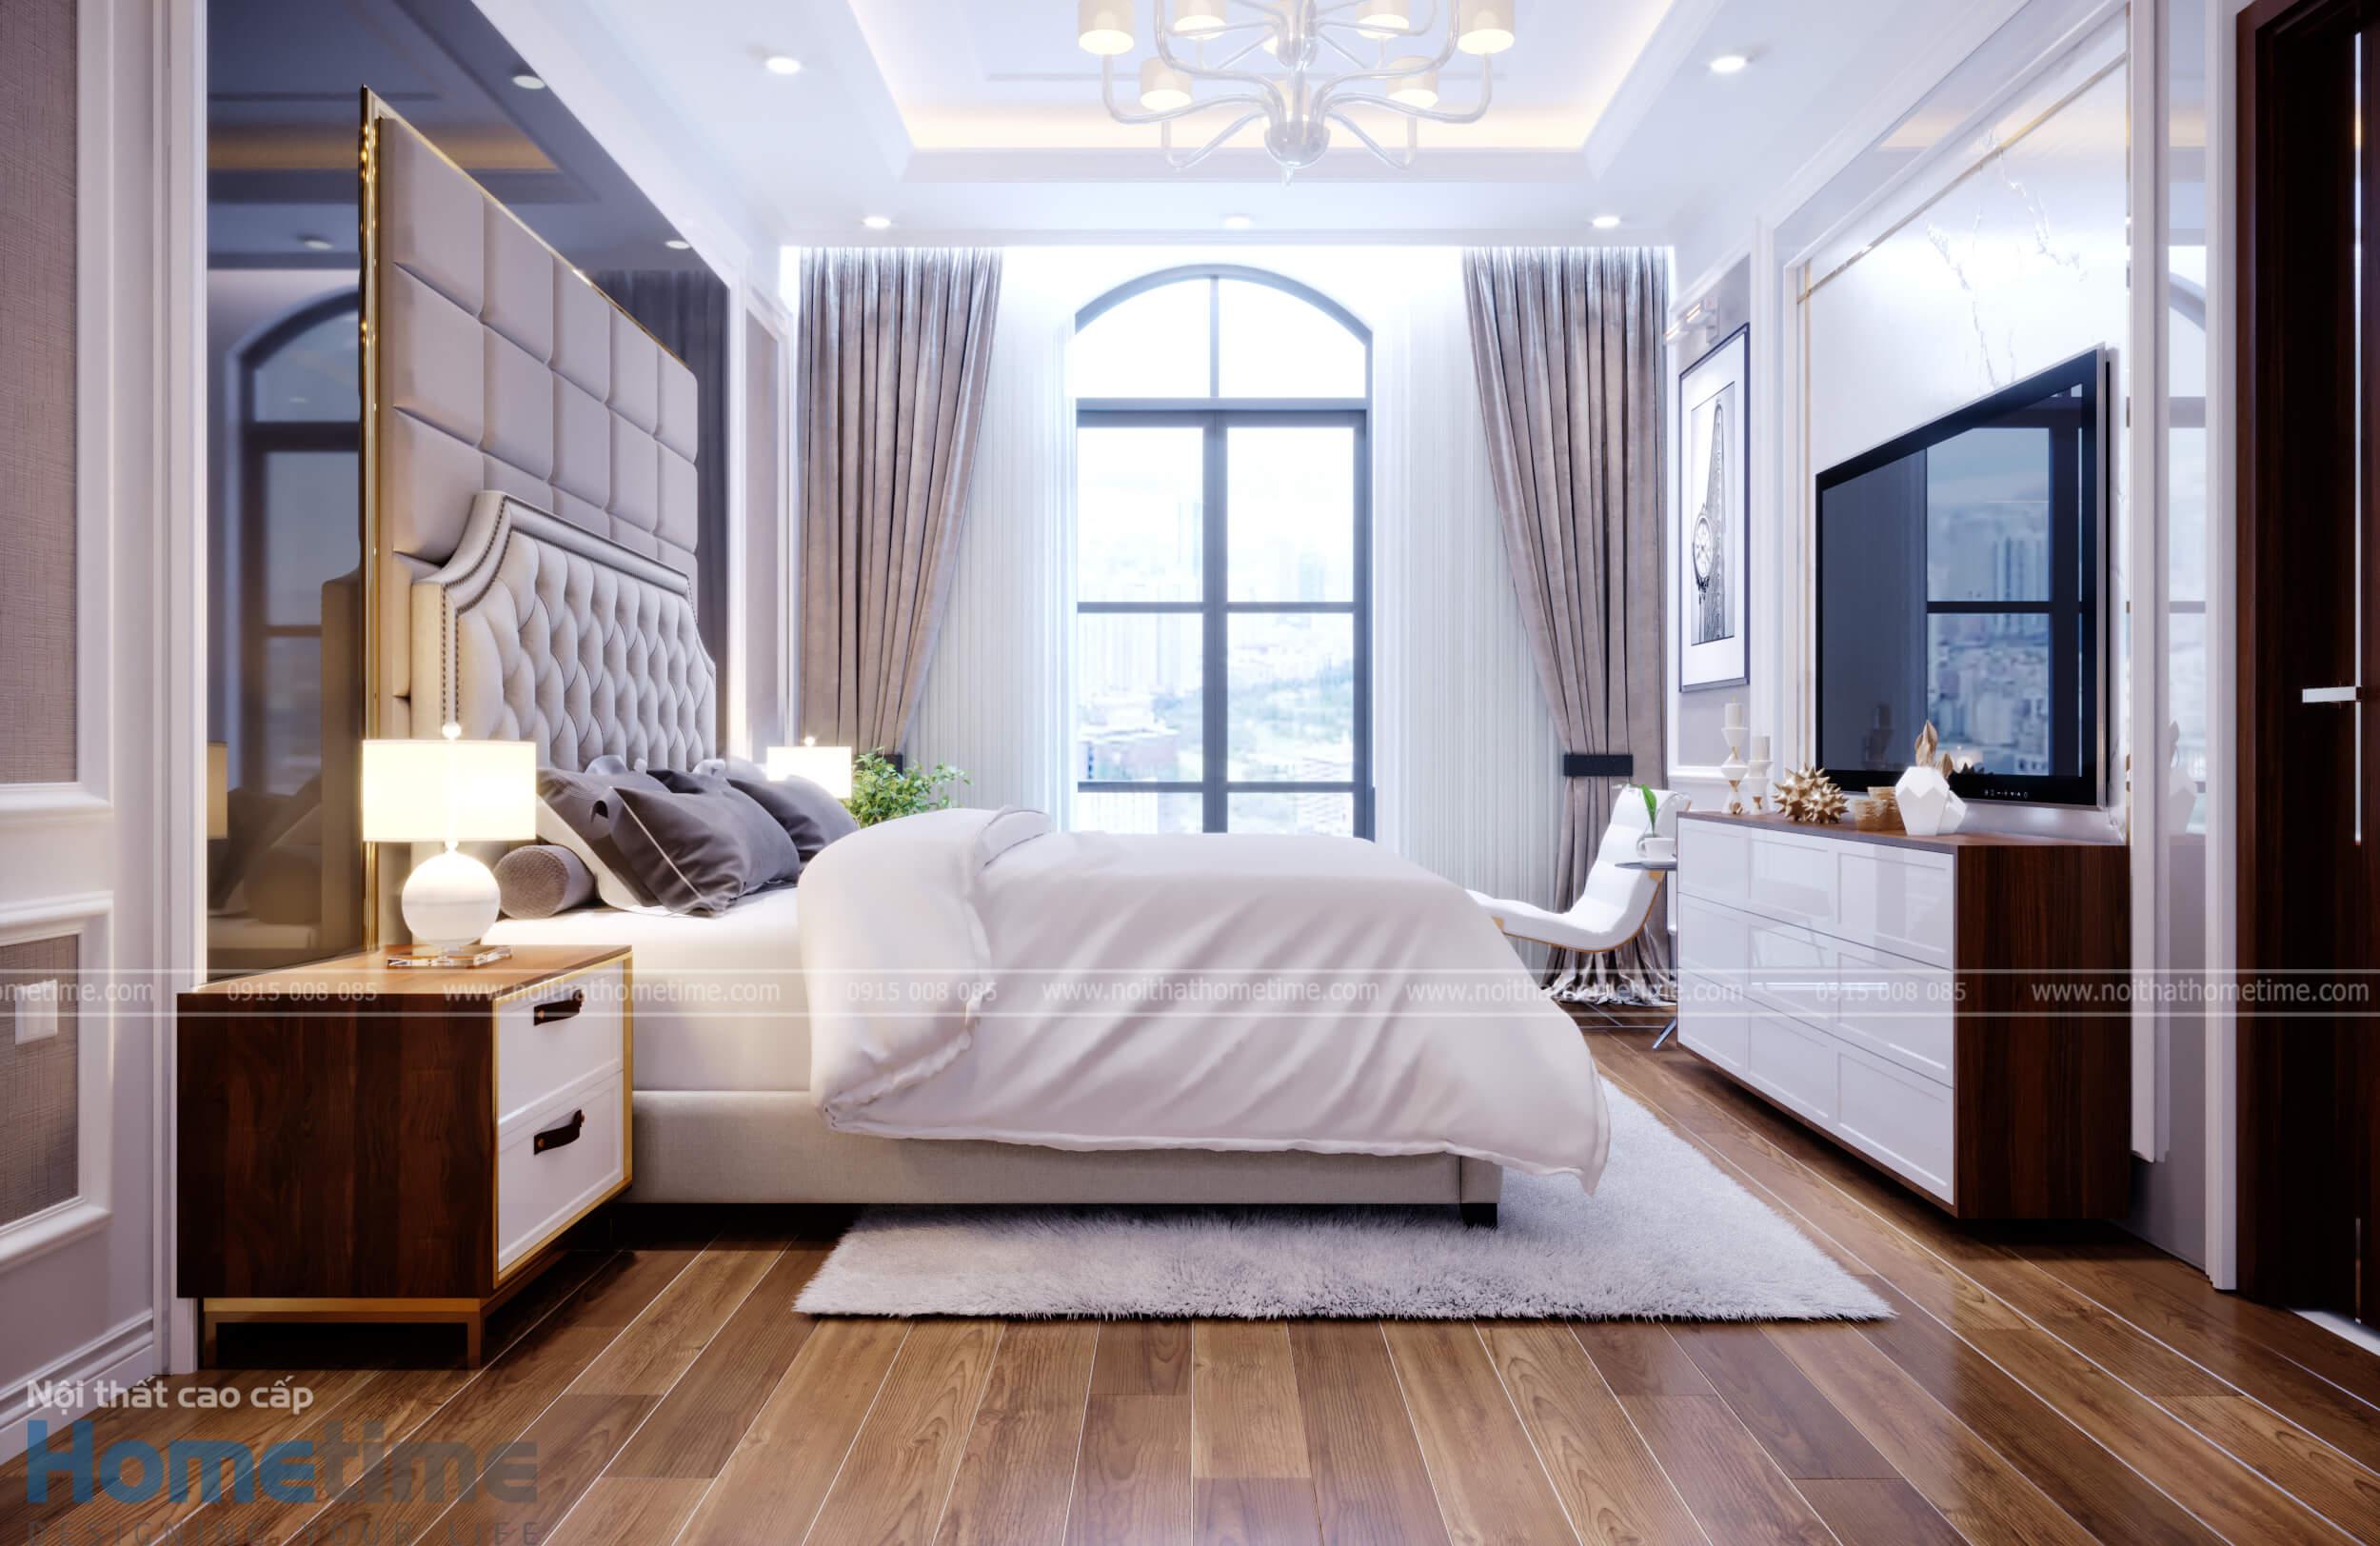 Không gian phòng ngủ có thể nhìn ra bên ngoài rất thoáng đãng